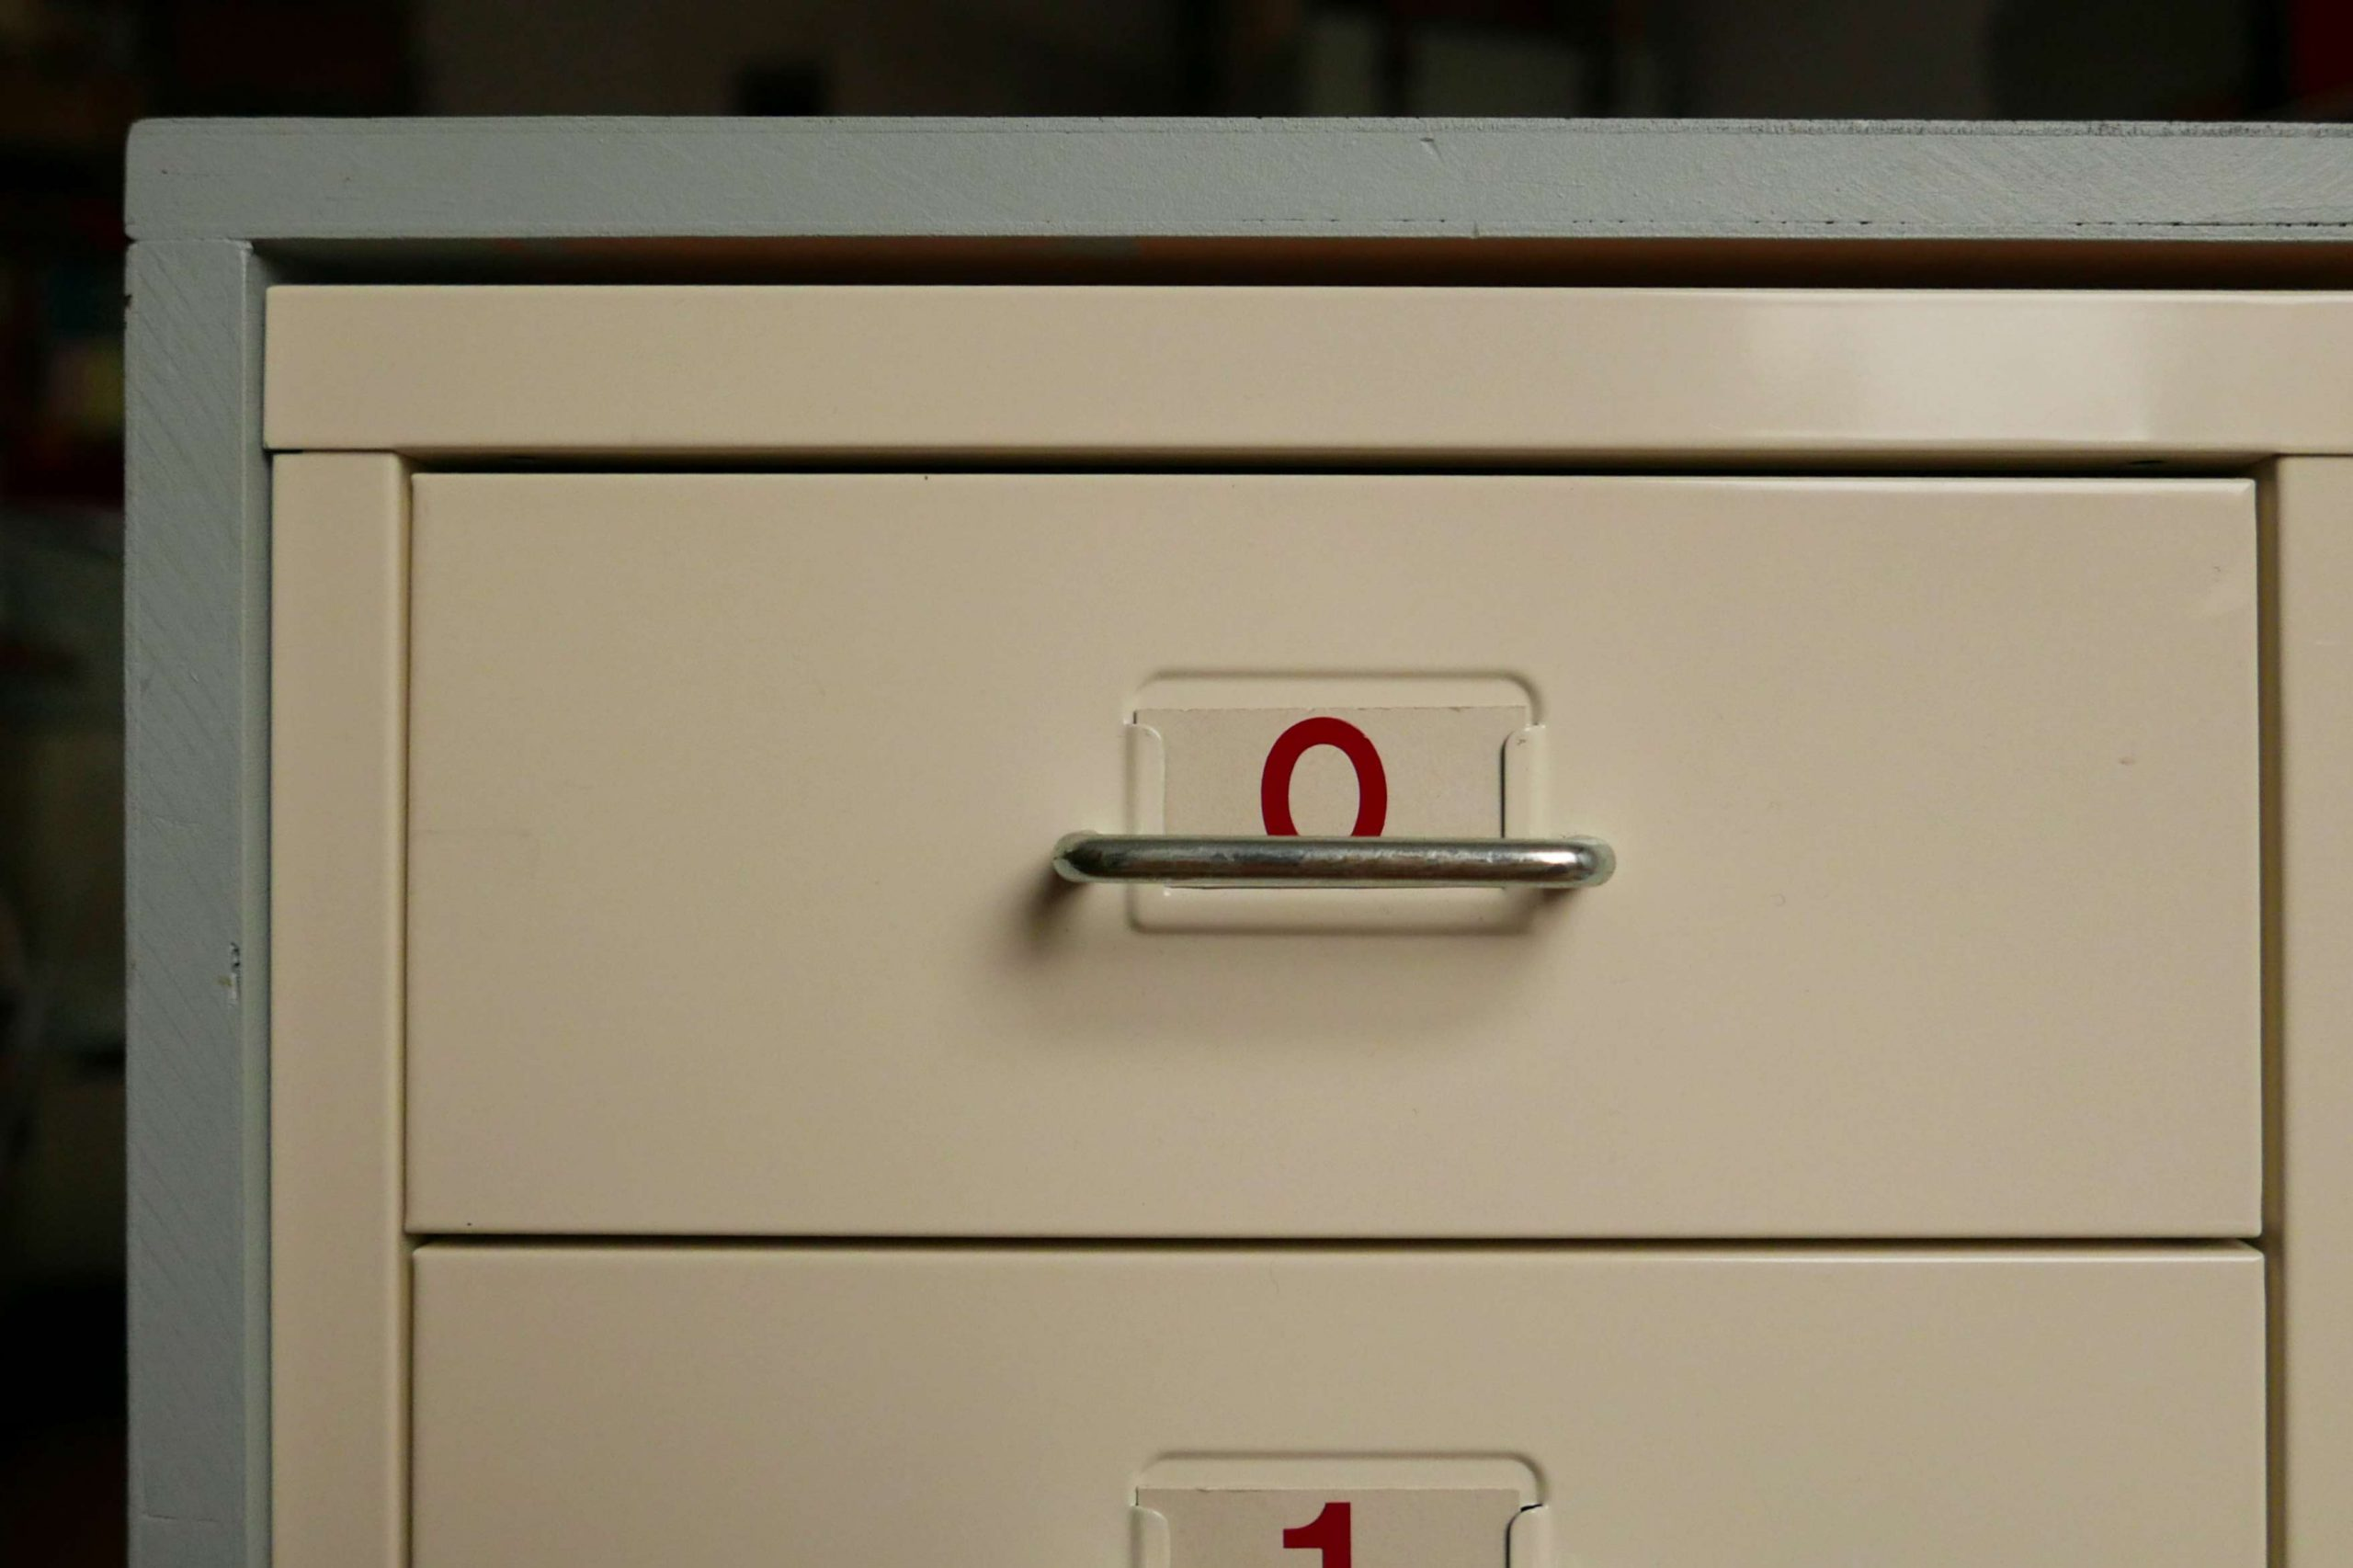 Schublade mit Nummer 0 Schild